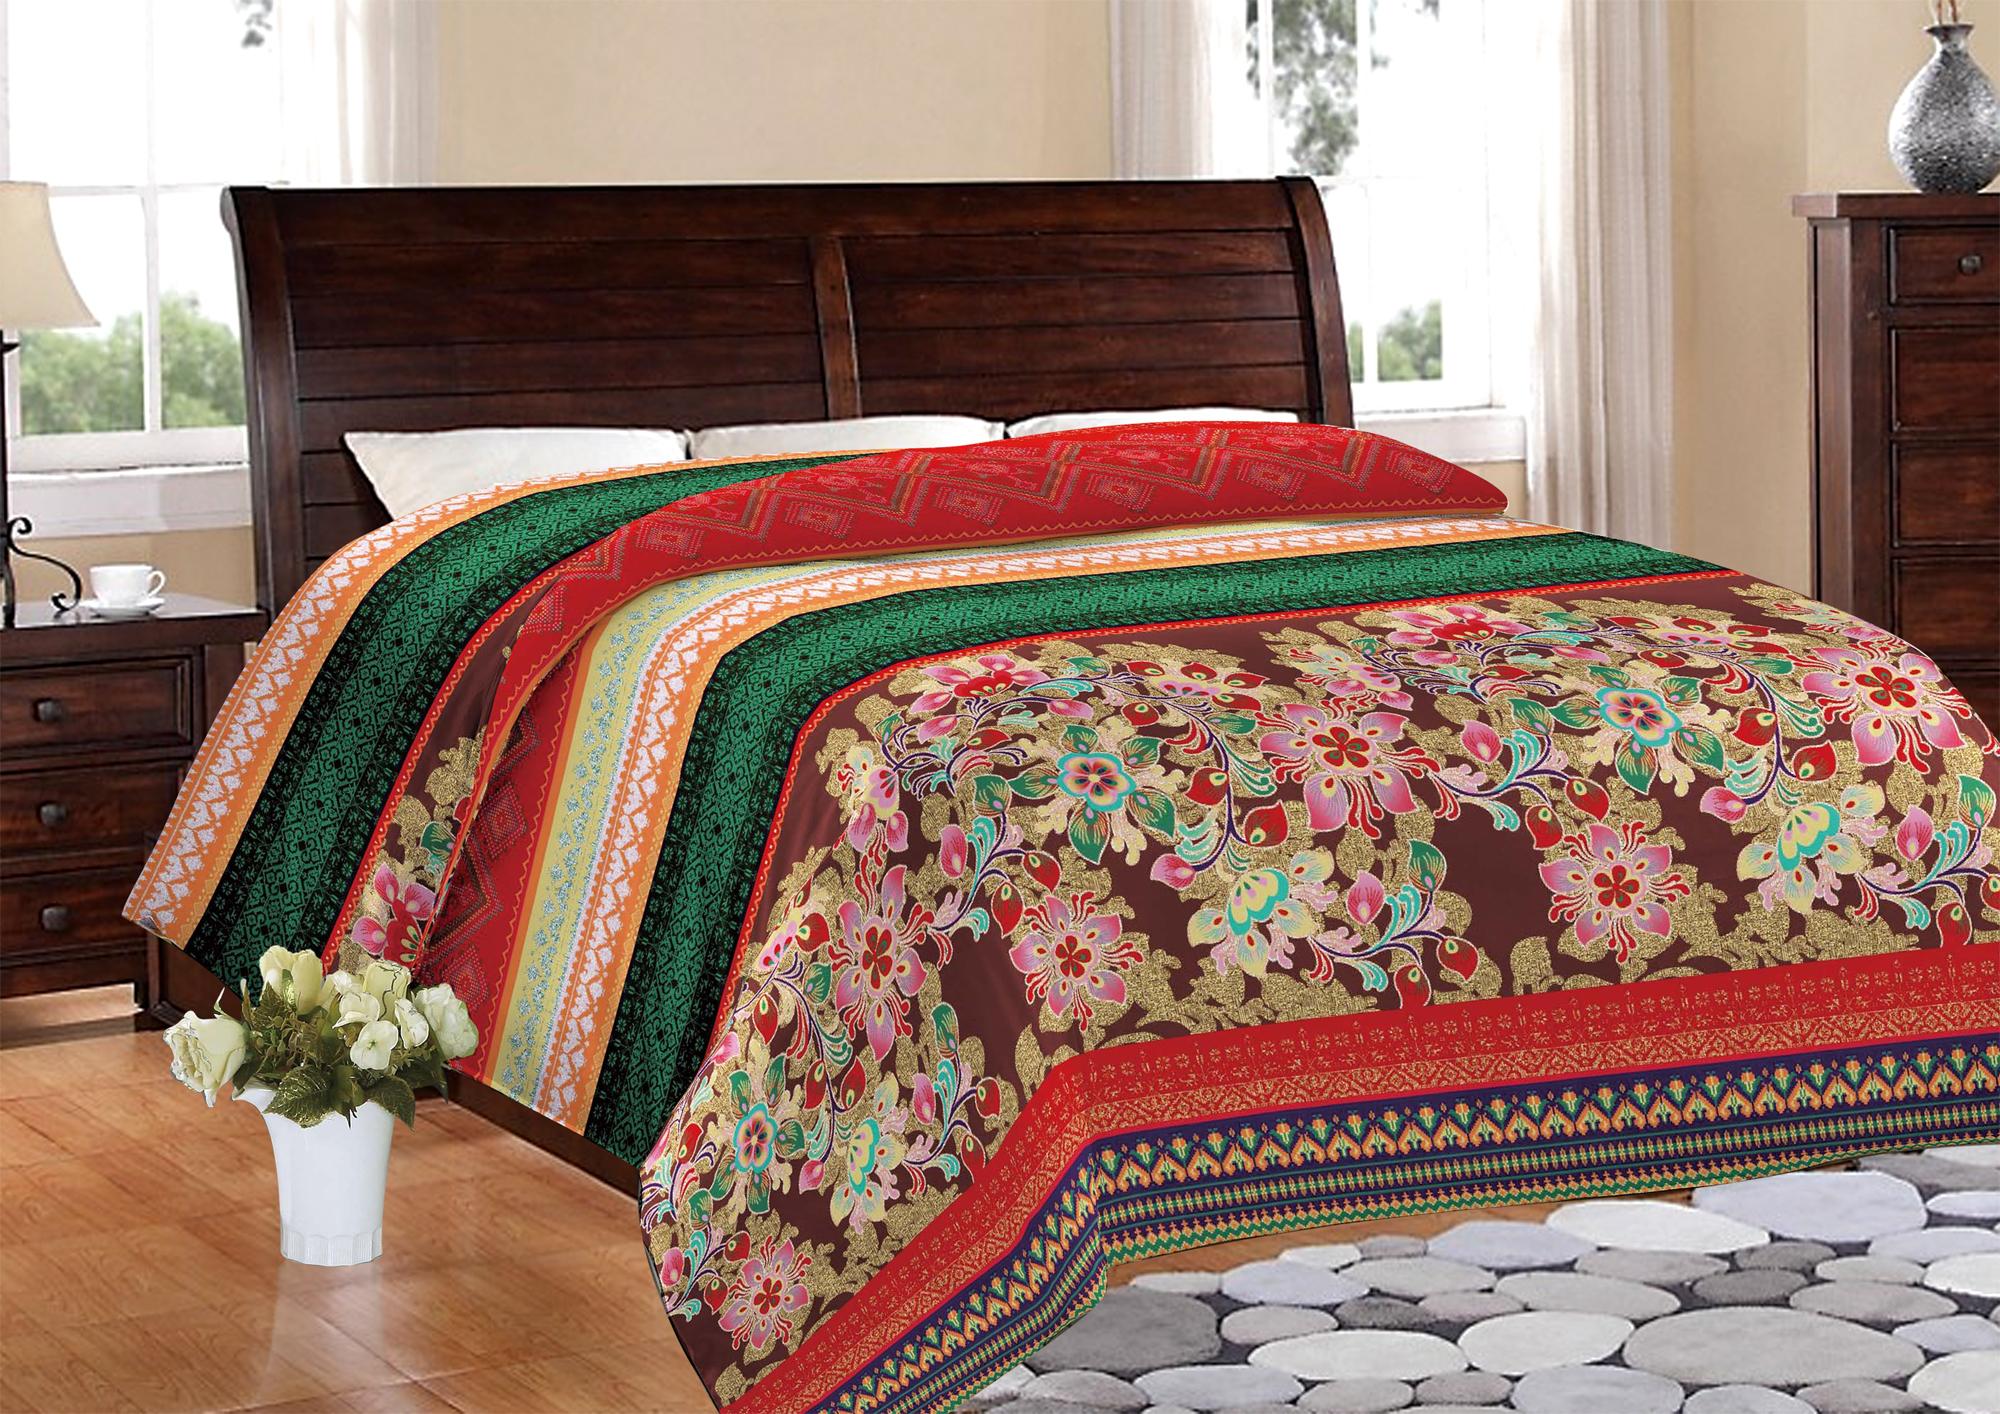 Покрывало Amore Mio Покрывало Tabriz (160х220 см) плед amore mio плед delicacy 170х200 см